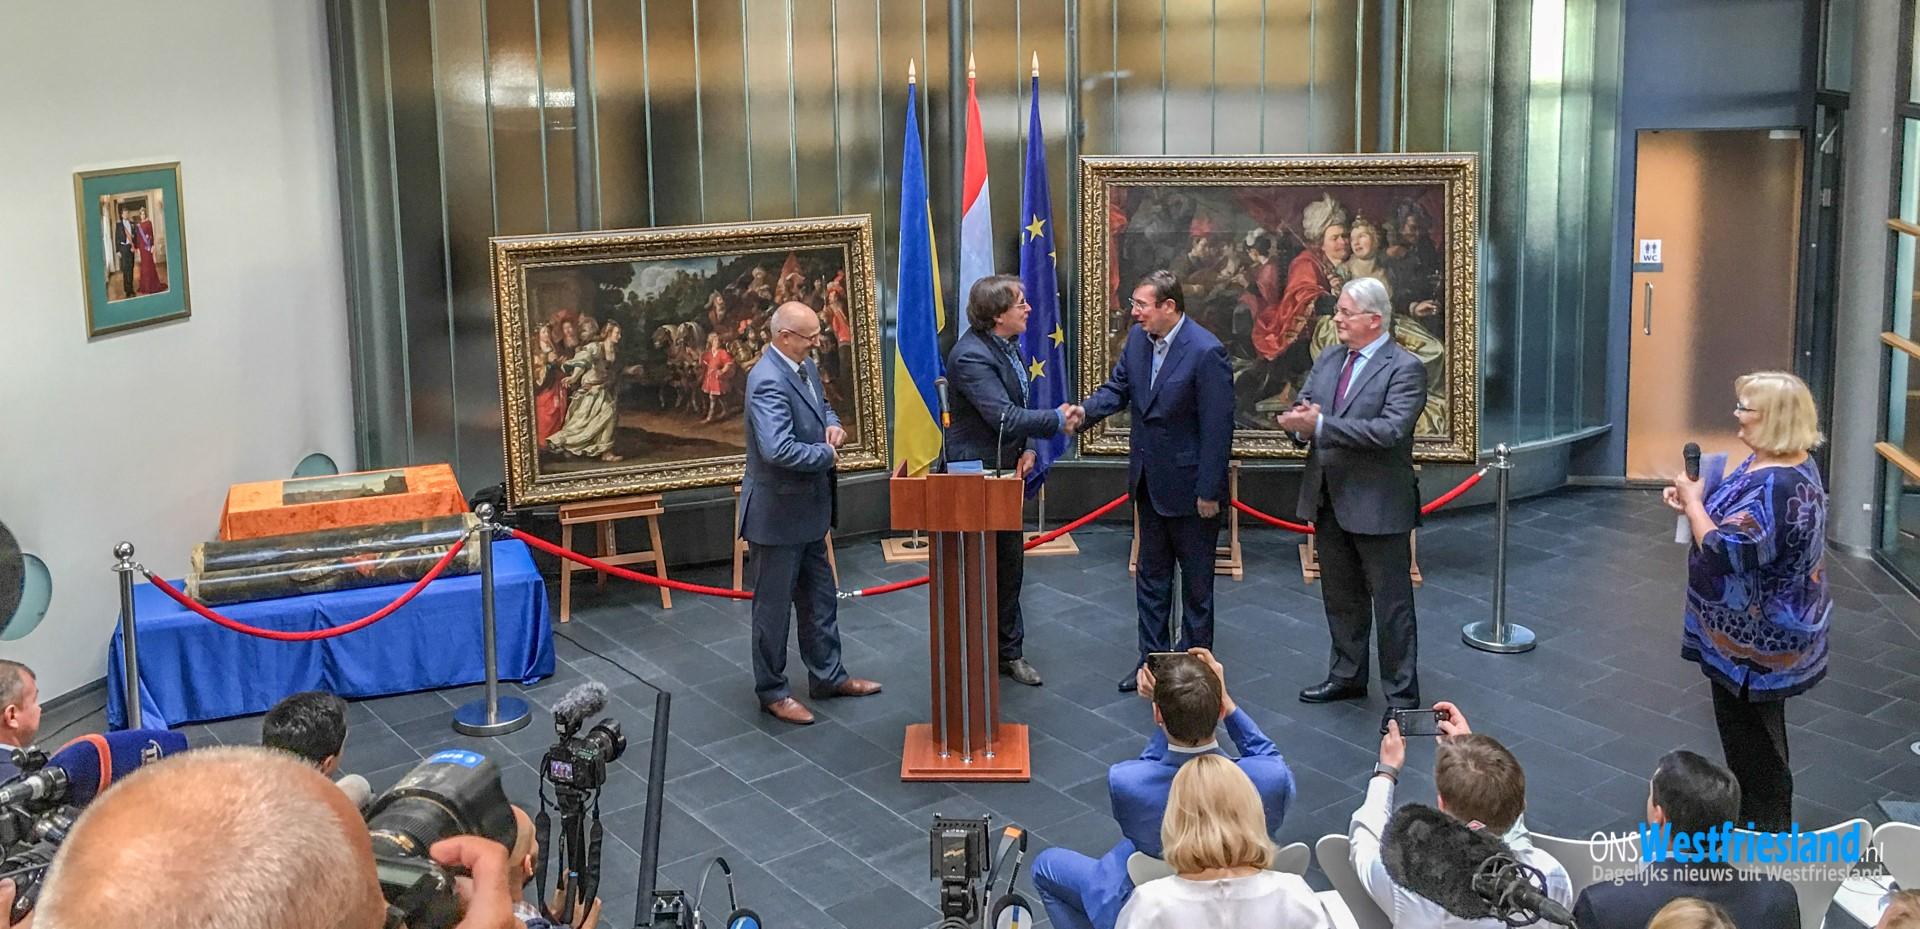 Gestolen schilderijen weer in bezit; 'Kippenvelmoment'